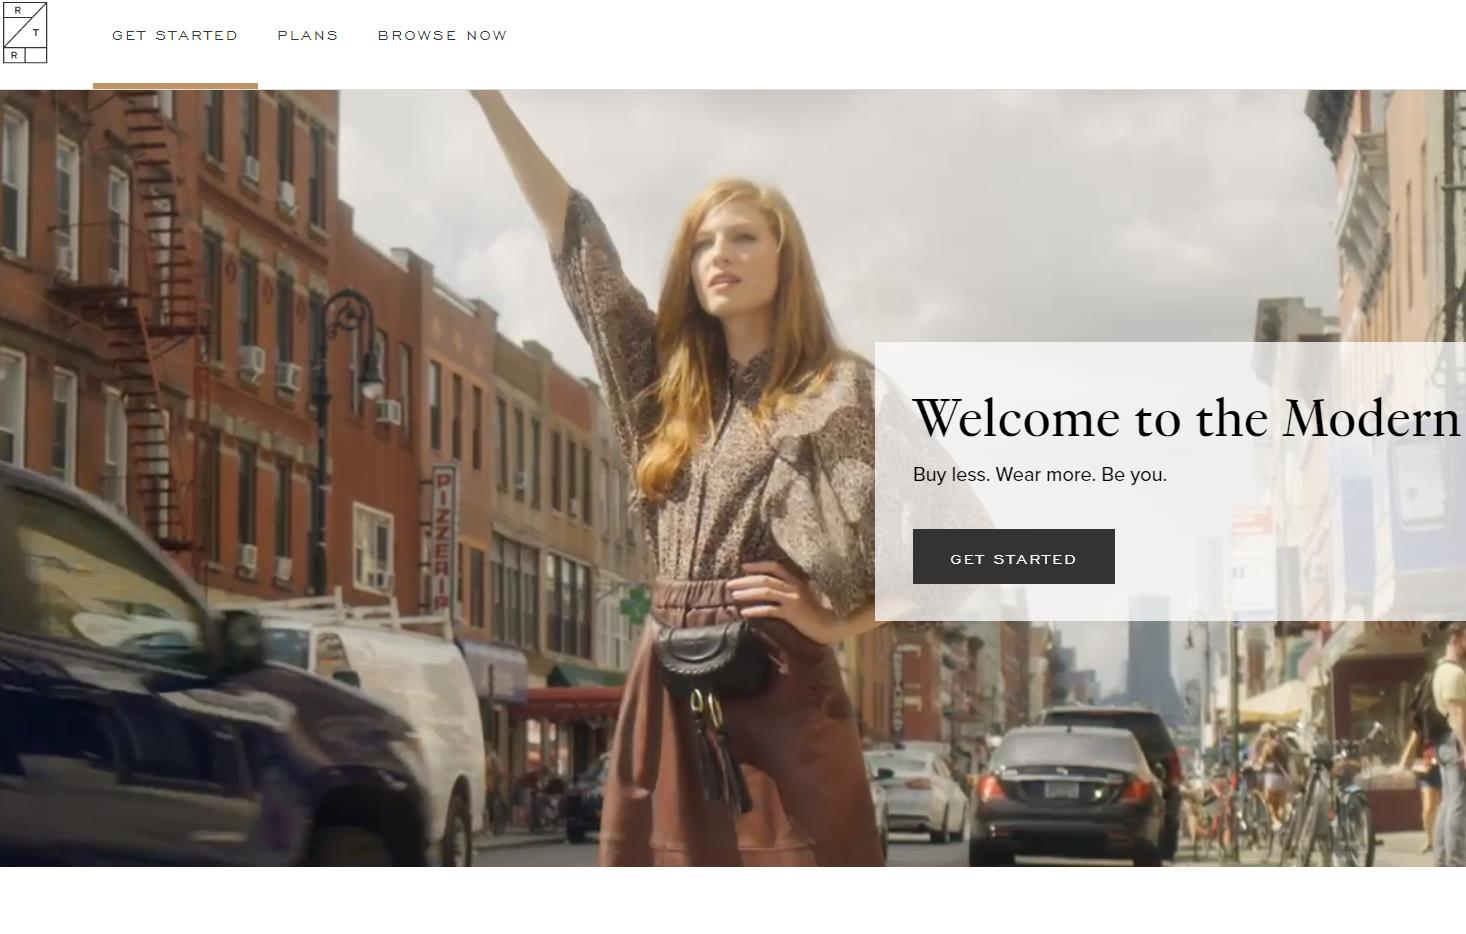 美国互联网租衣平台 Rent the Runway 与共享办公空间巨头 WeWork 达成合作